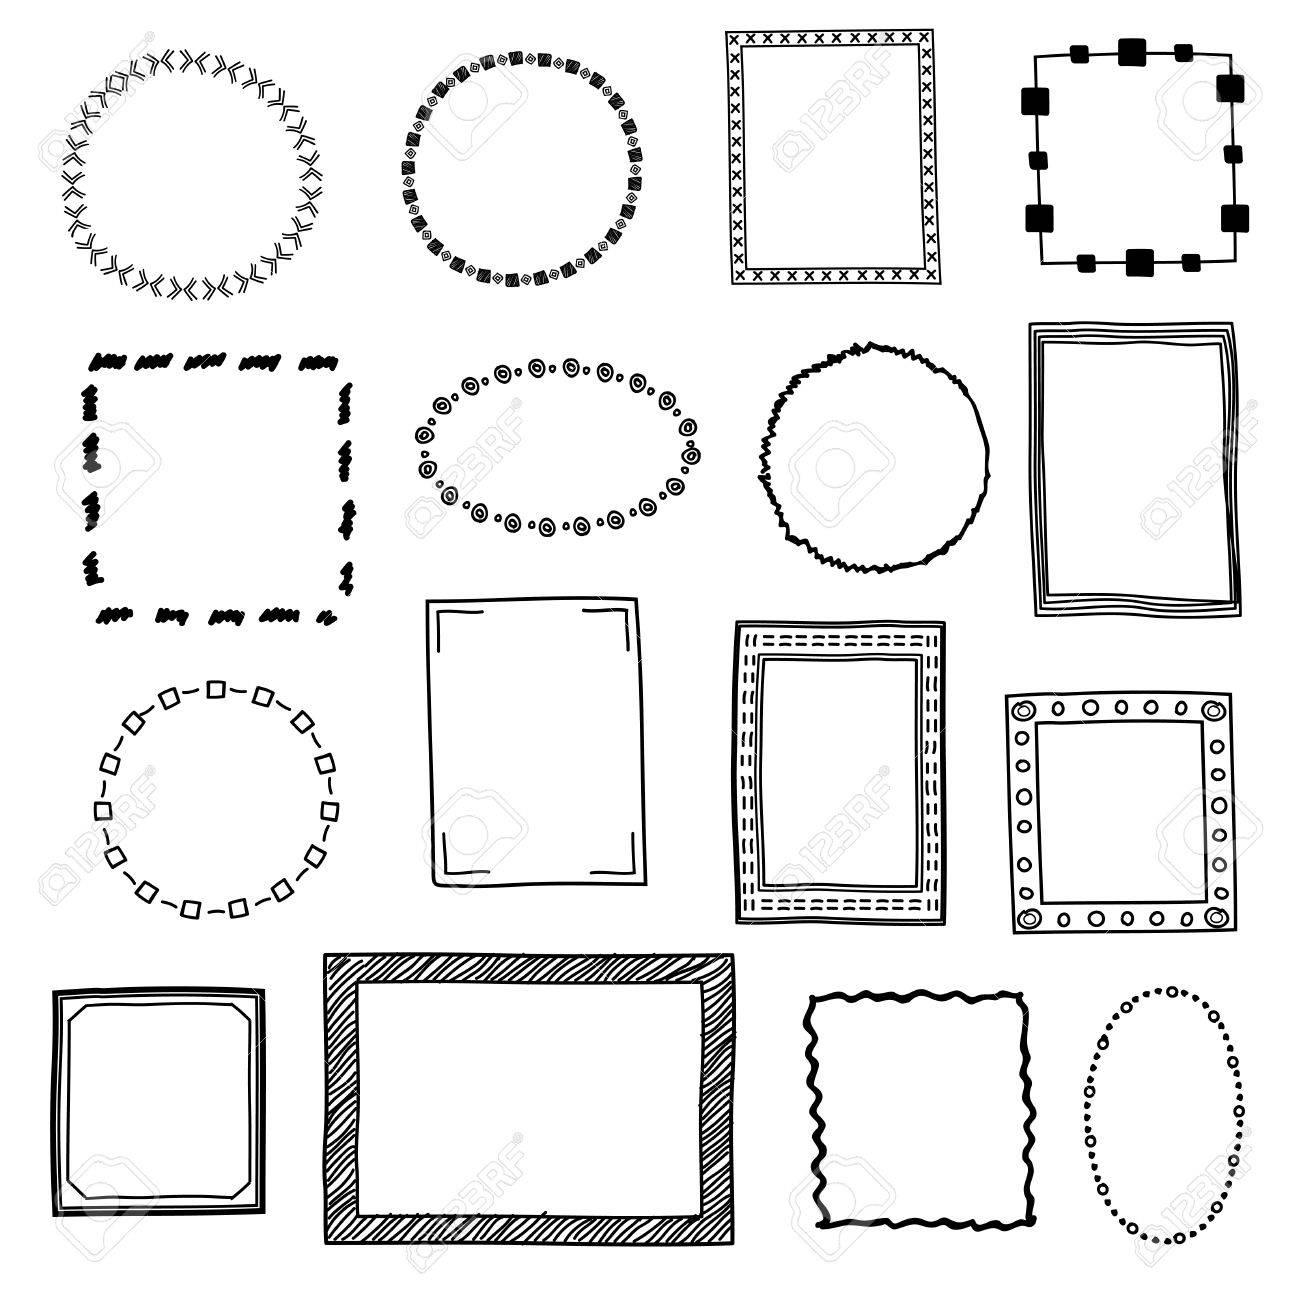 Hand Gezeichnet Doodle Rahmen, Grenzen Vektor Gesetzt. Rahmen Skizze ...